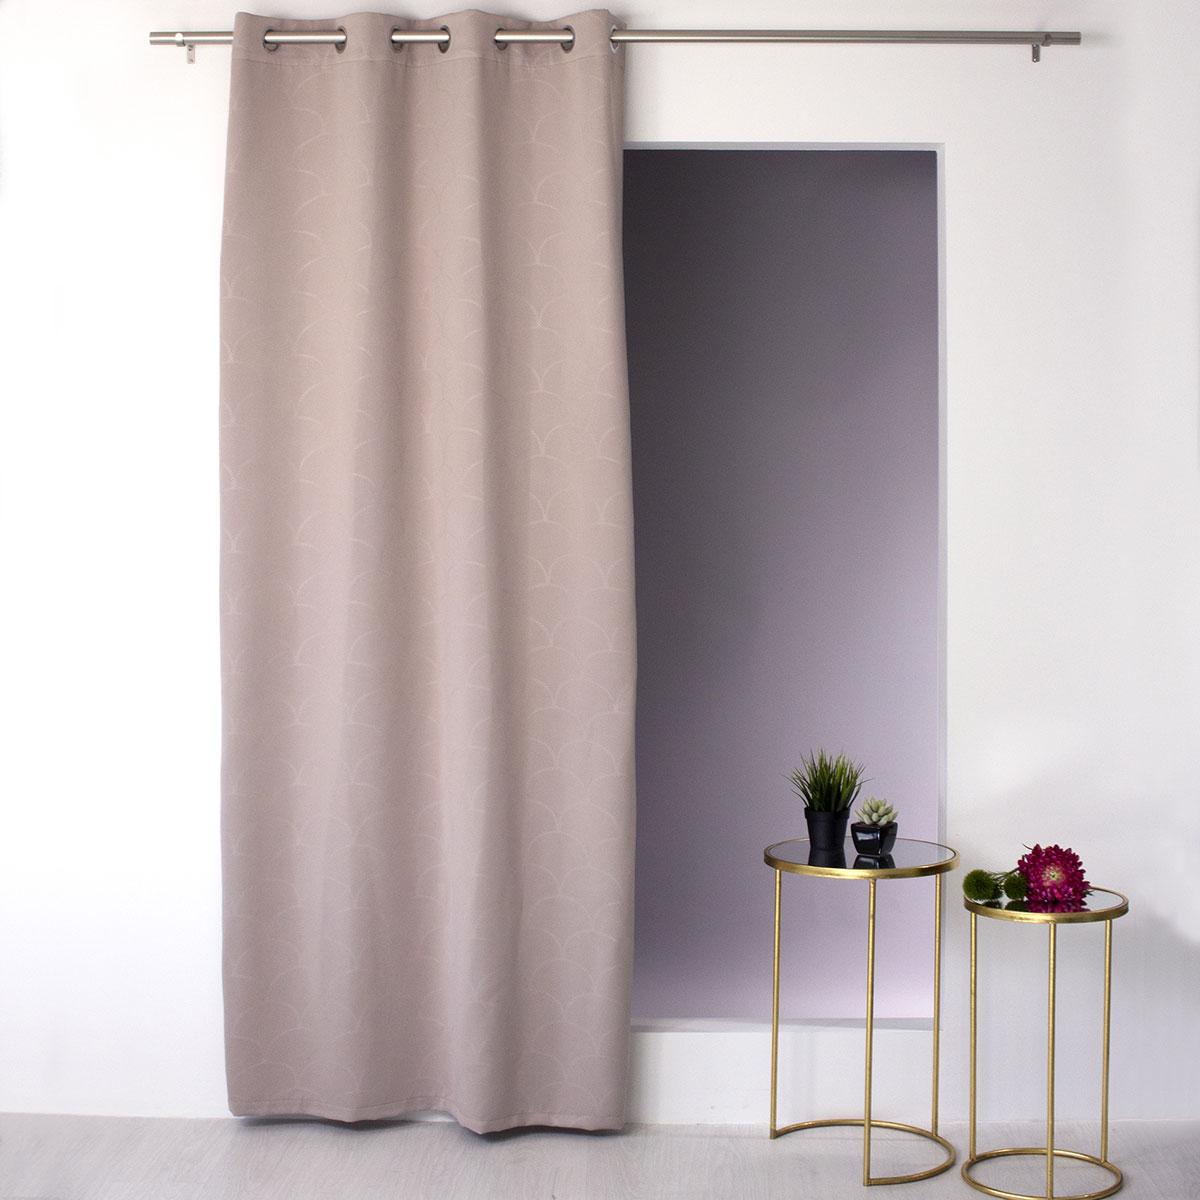 rideau occultant imprim art d co naturel vison gris fonc blanc homemaison. Black Bedroom Furniture Sets. Home Design Ideas